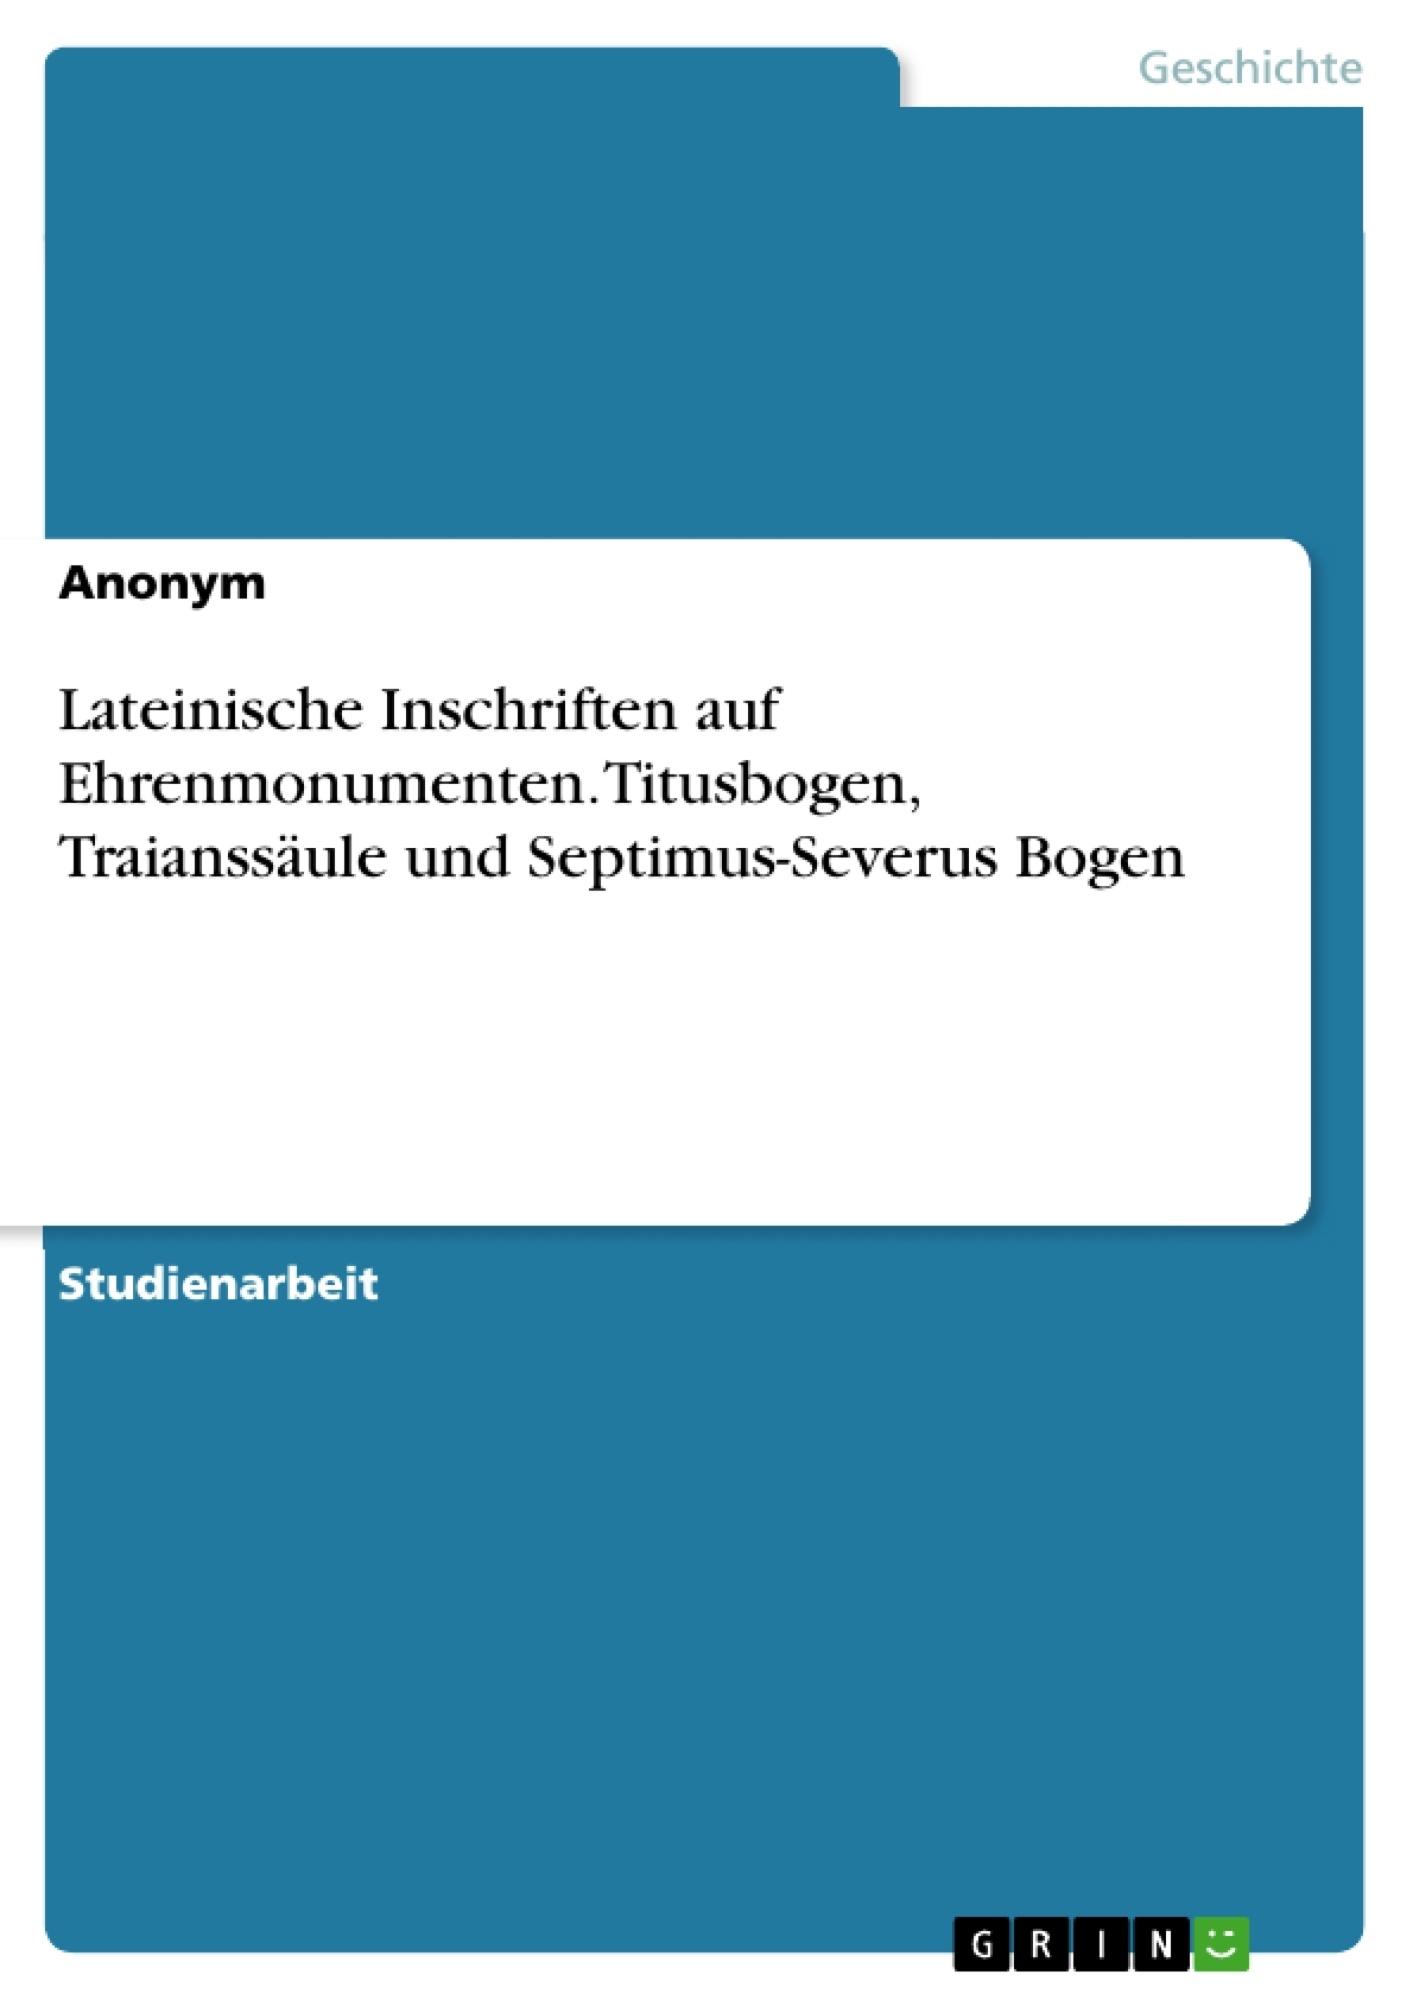 Titel: Lateinische Inschriften auf Ehrenmonumenten. Titusbogen, Traianssäule und Septimus-Severus Bogen